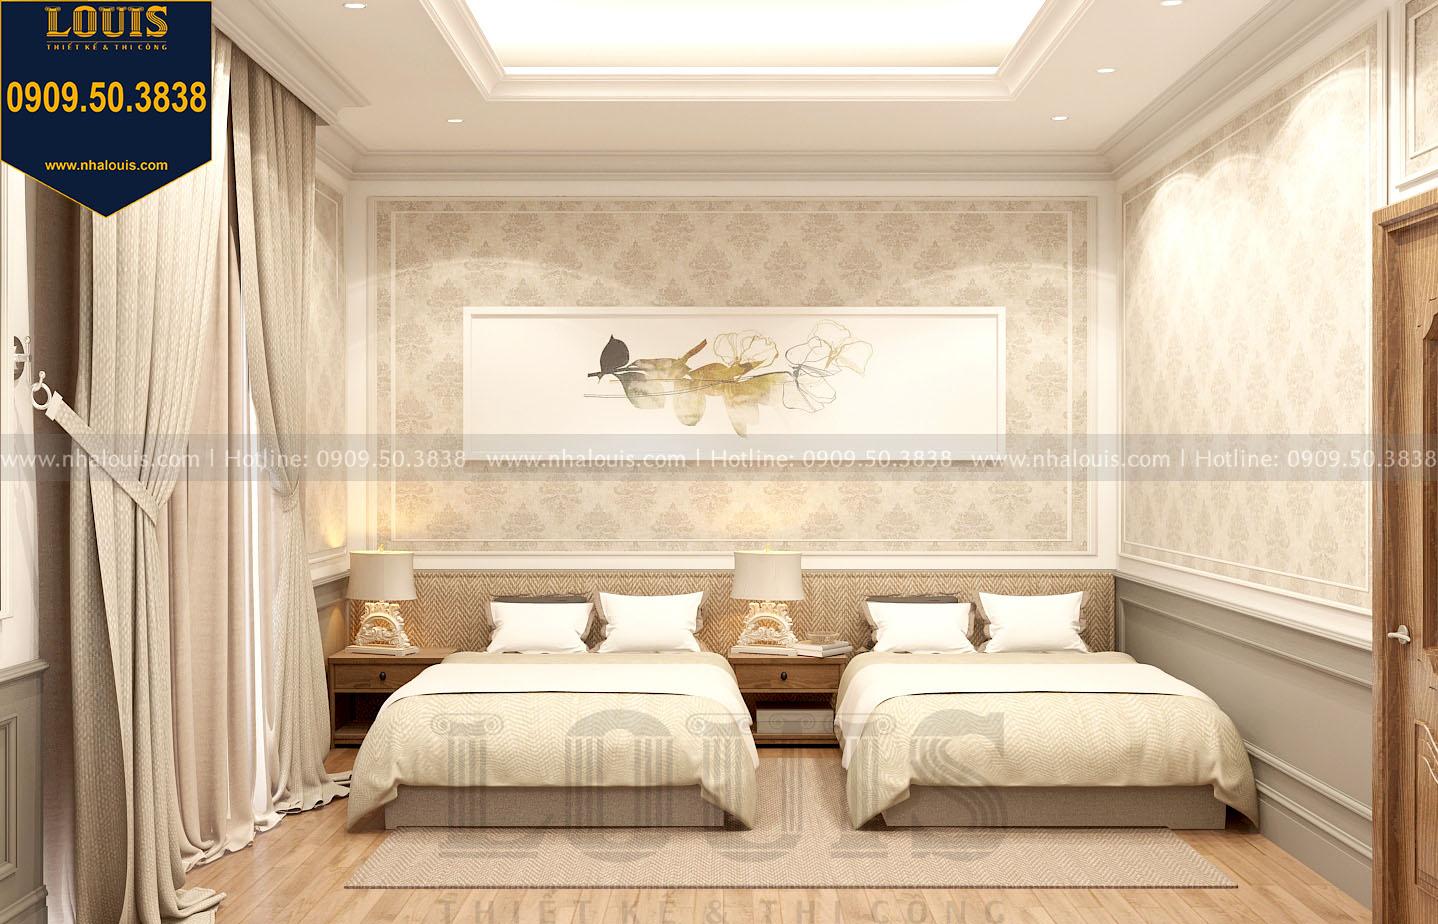 mẫu phòng ngủ biệt thự tân cổ điển